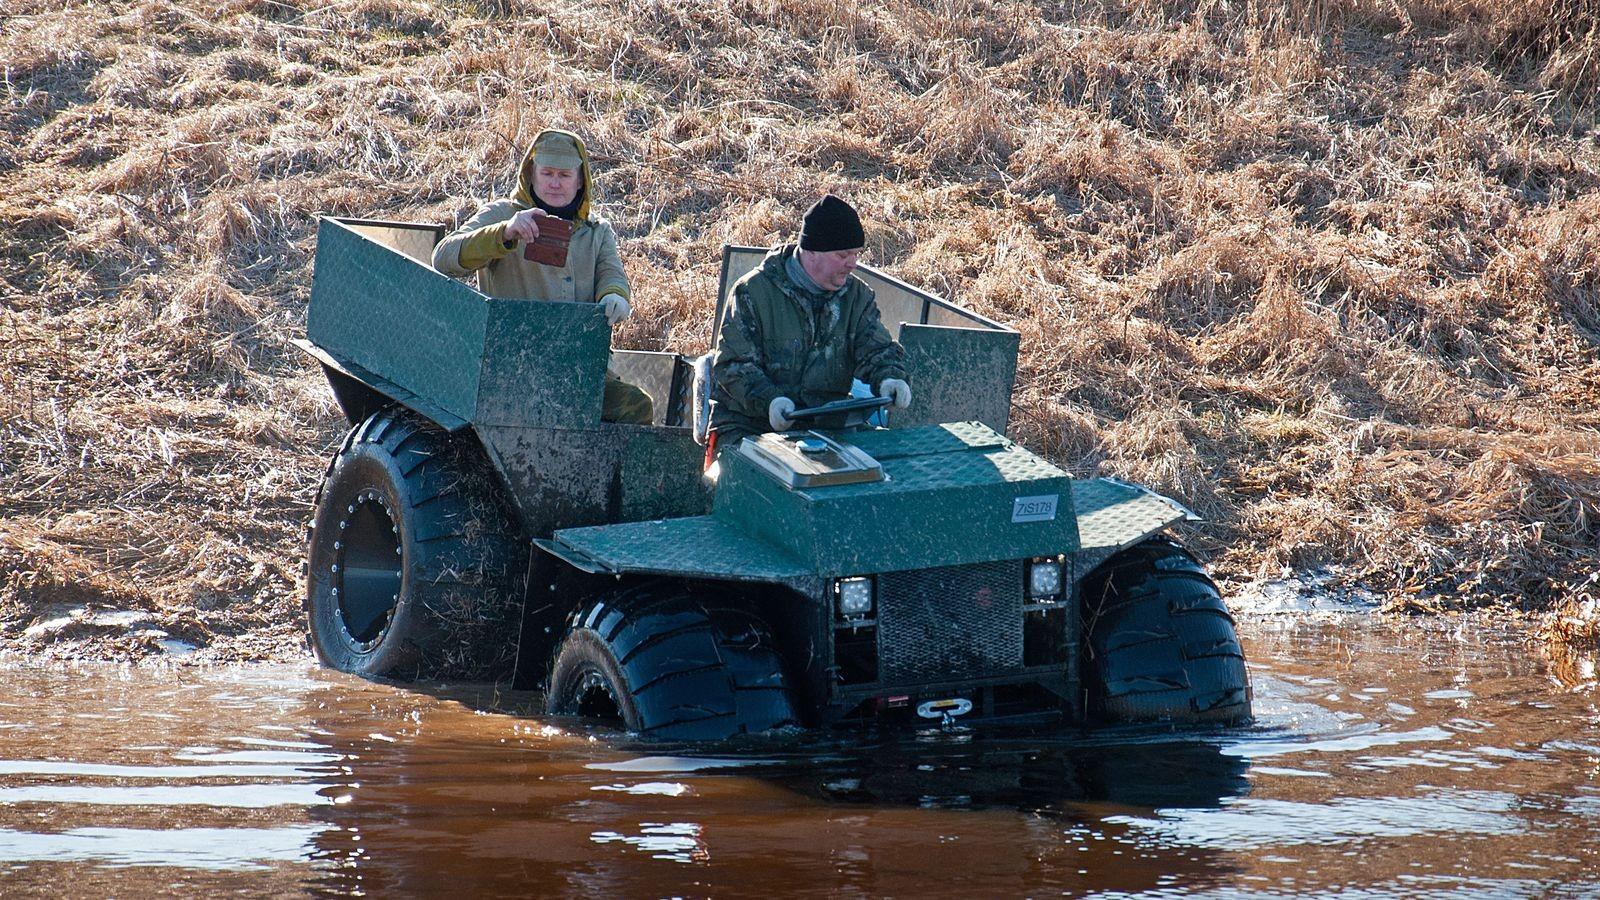 Девочки плачут, мальчики смеются: тест-драйв вездехода ЗИС-178 за 200 тысяч рублей